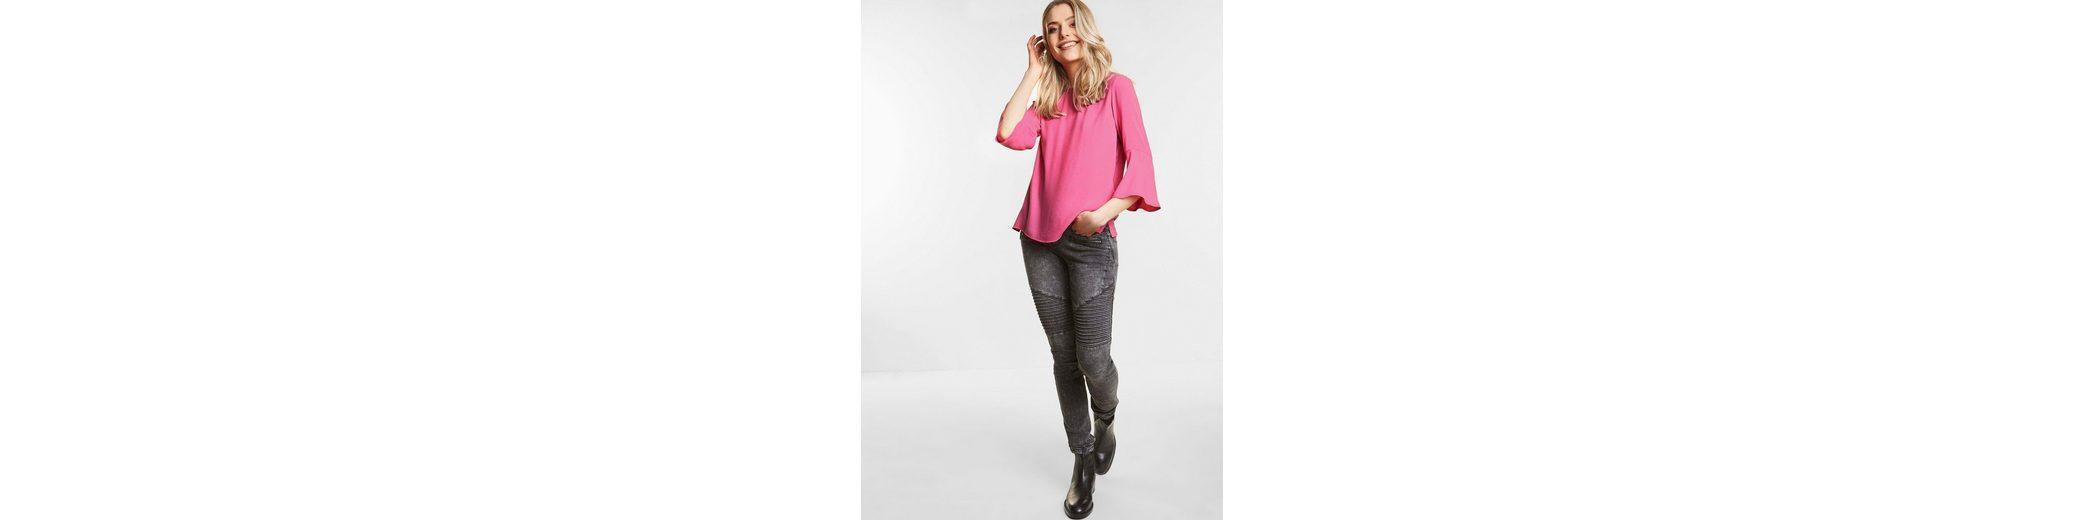 Online-Verkauf Beliebt Street One Volants Shirt Finja Zum Verkauf Offizieller Seite Günstig Kaufen Erstaunlichen Preis Günstig Kaufen 1jW7iBPi52